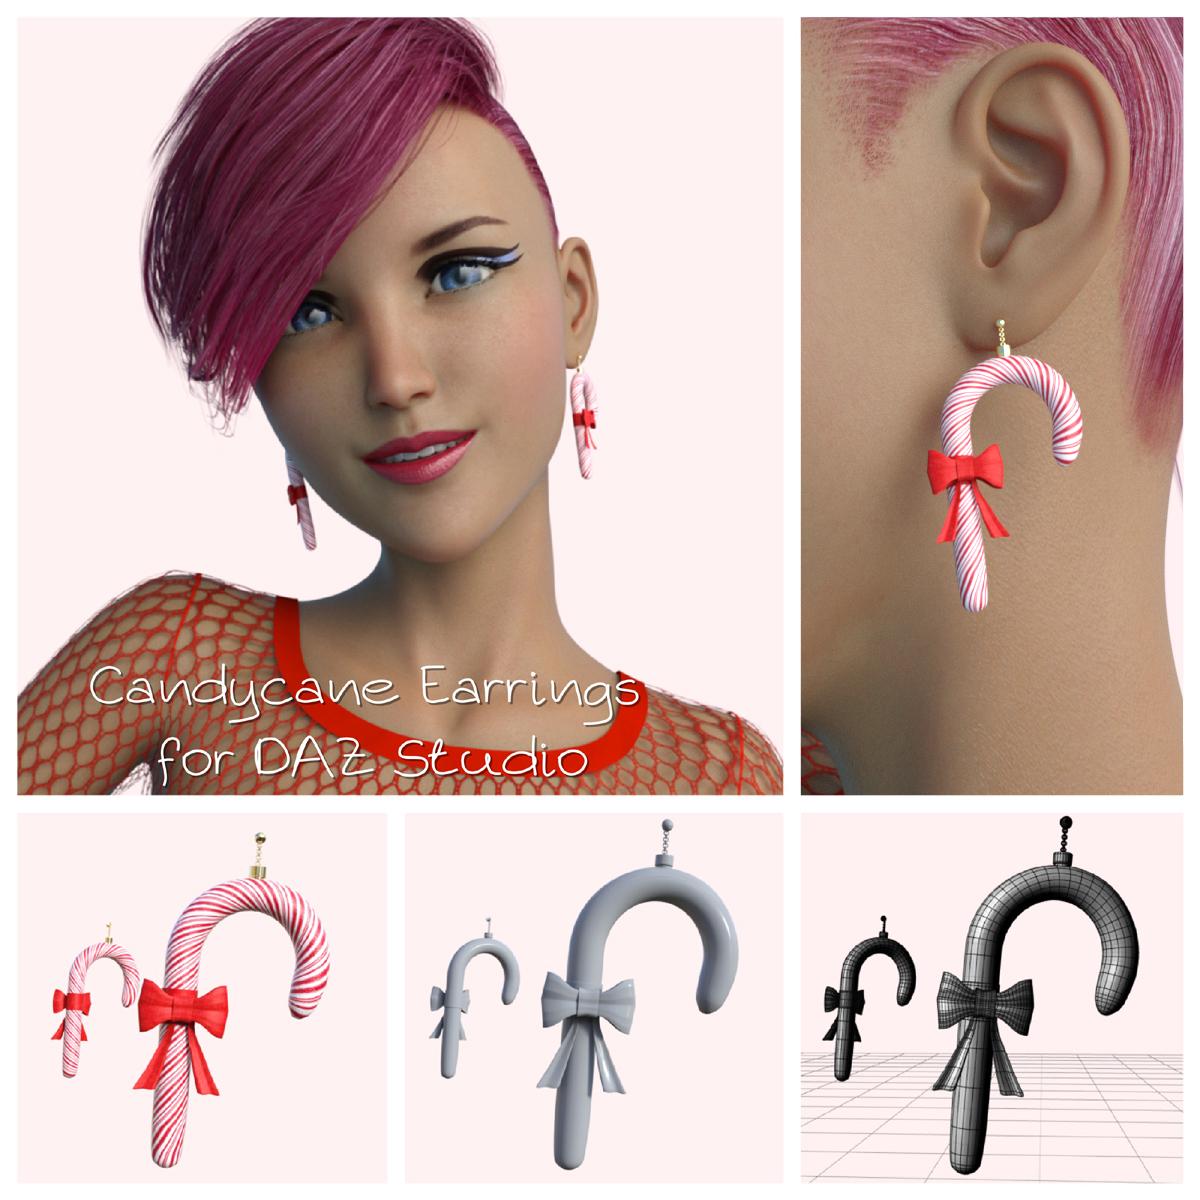 Candycane Earrings for DAZ Studio by BubbleCloud